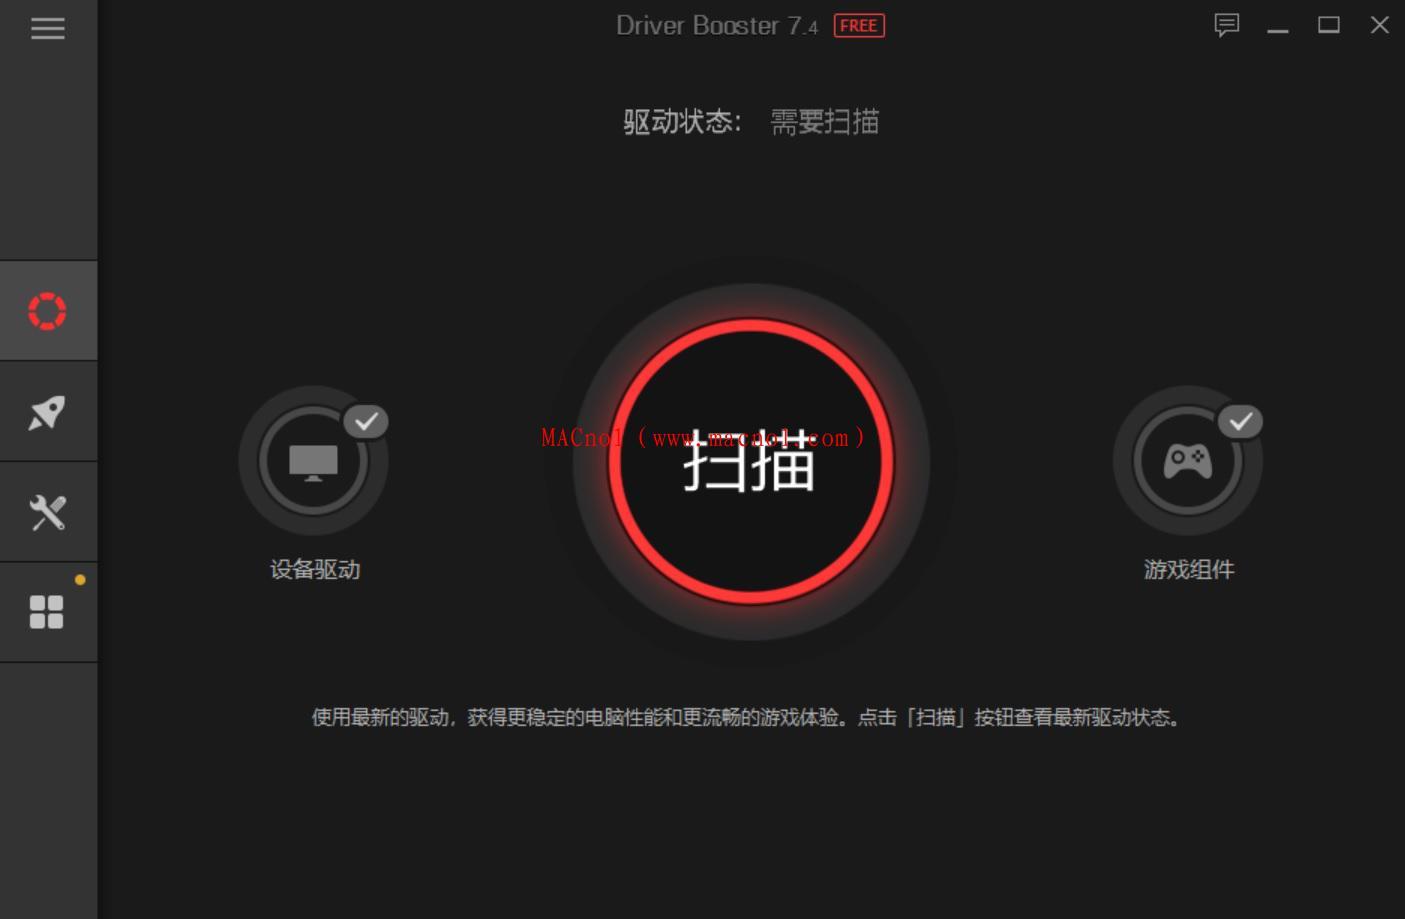 驱动更新软件 IObit Driver Booster Pro v7.4.0 中文破解版(附破解补丁)